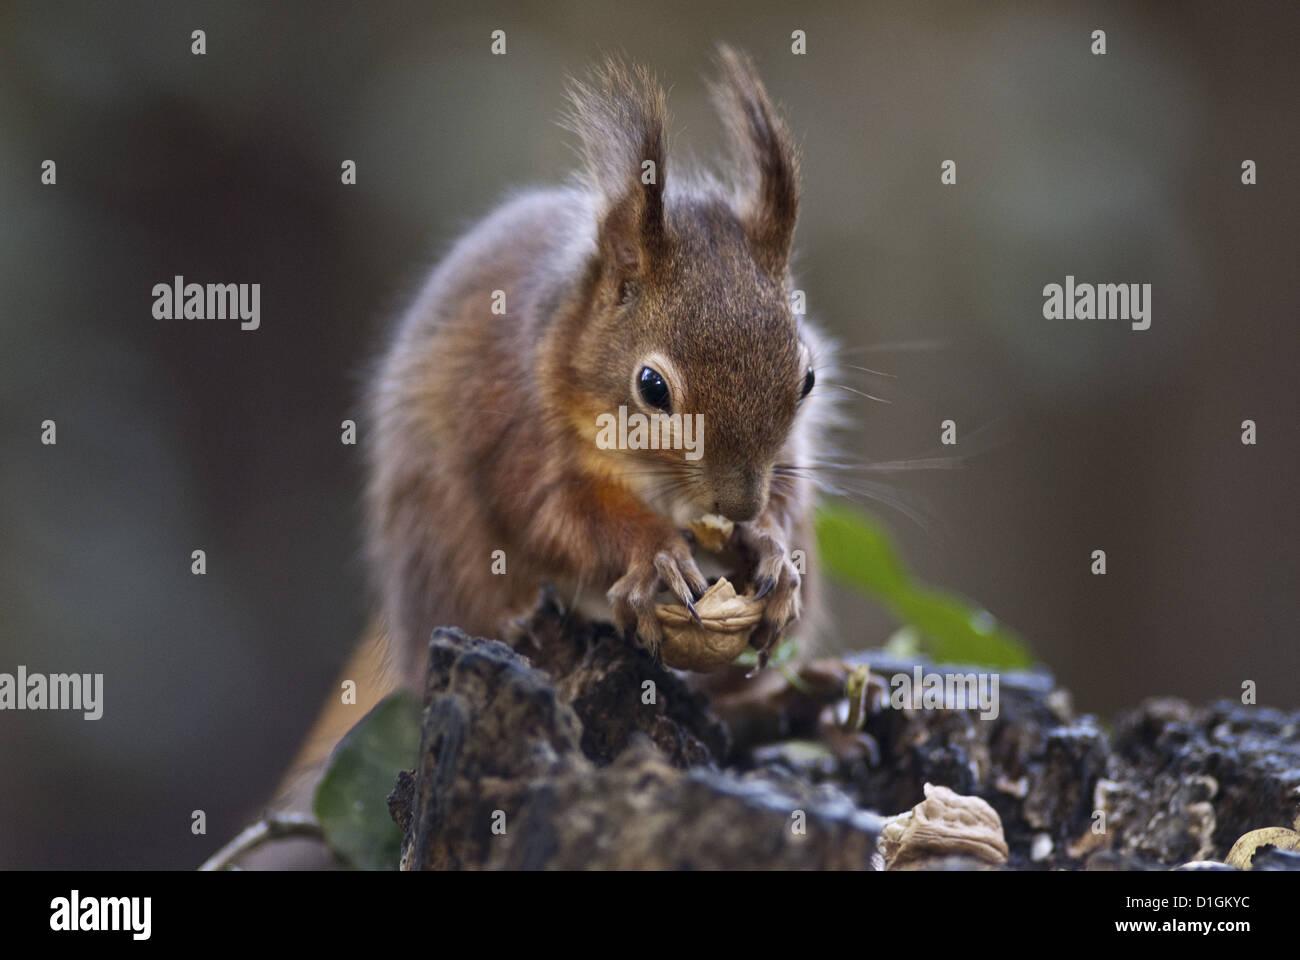 L'écureuil roux (Sciurus vulgaris) la consommation de noix dans un bois, Royaume-Uni, Europe Photo Stock